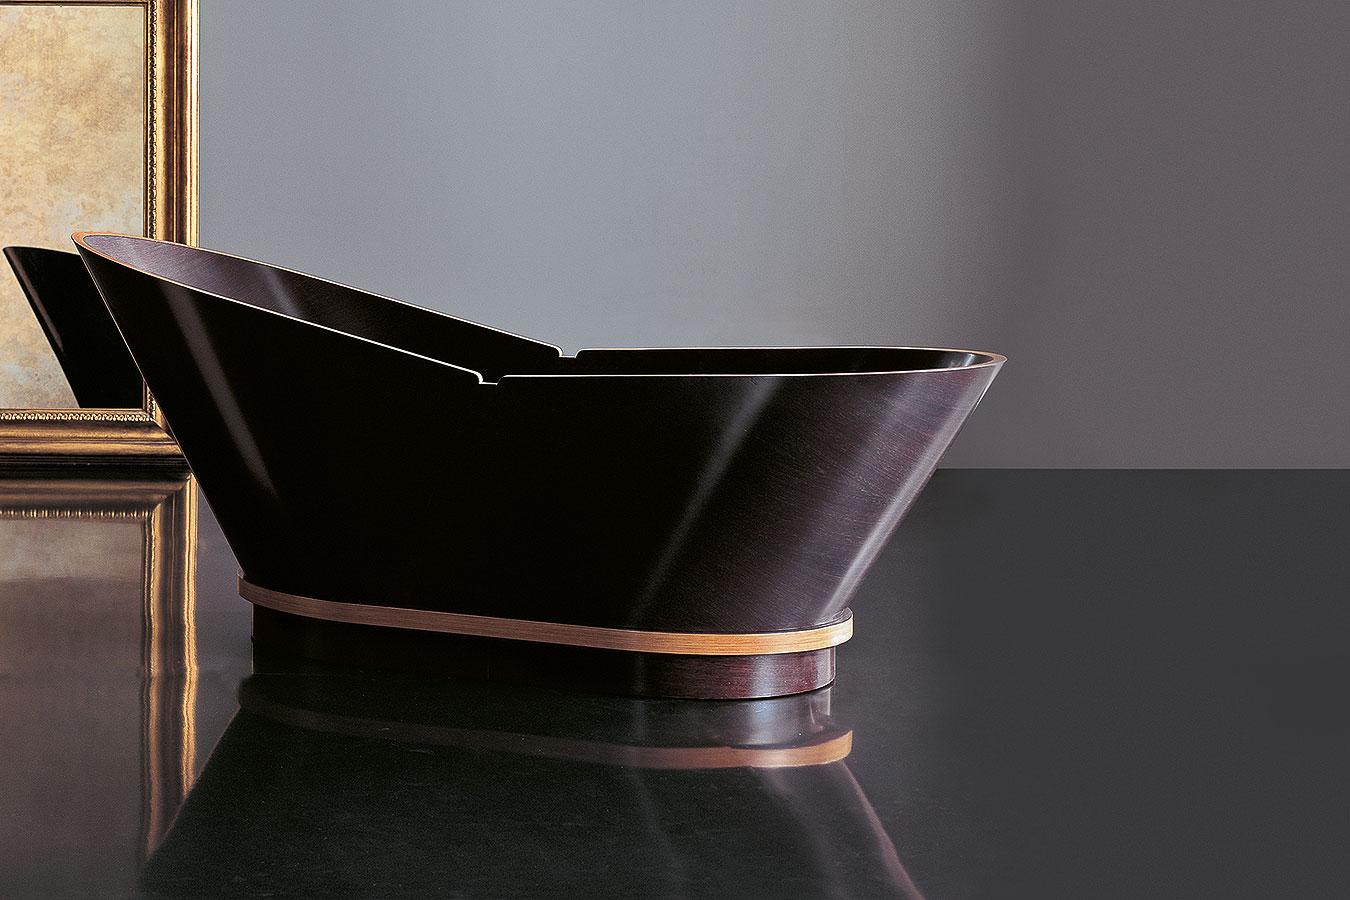 Vasche Da Bagno D Epoca : Acrilico tradizionale vasca da bagno d epoca buy product on